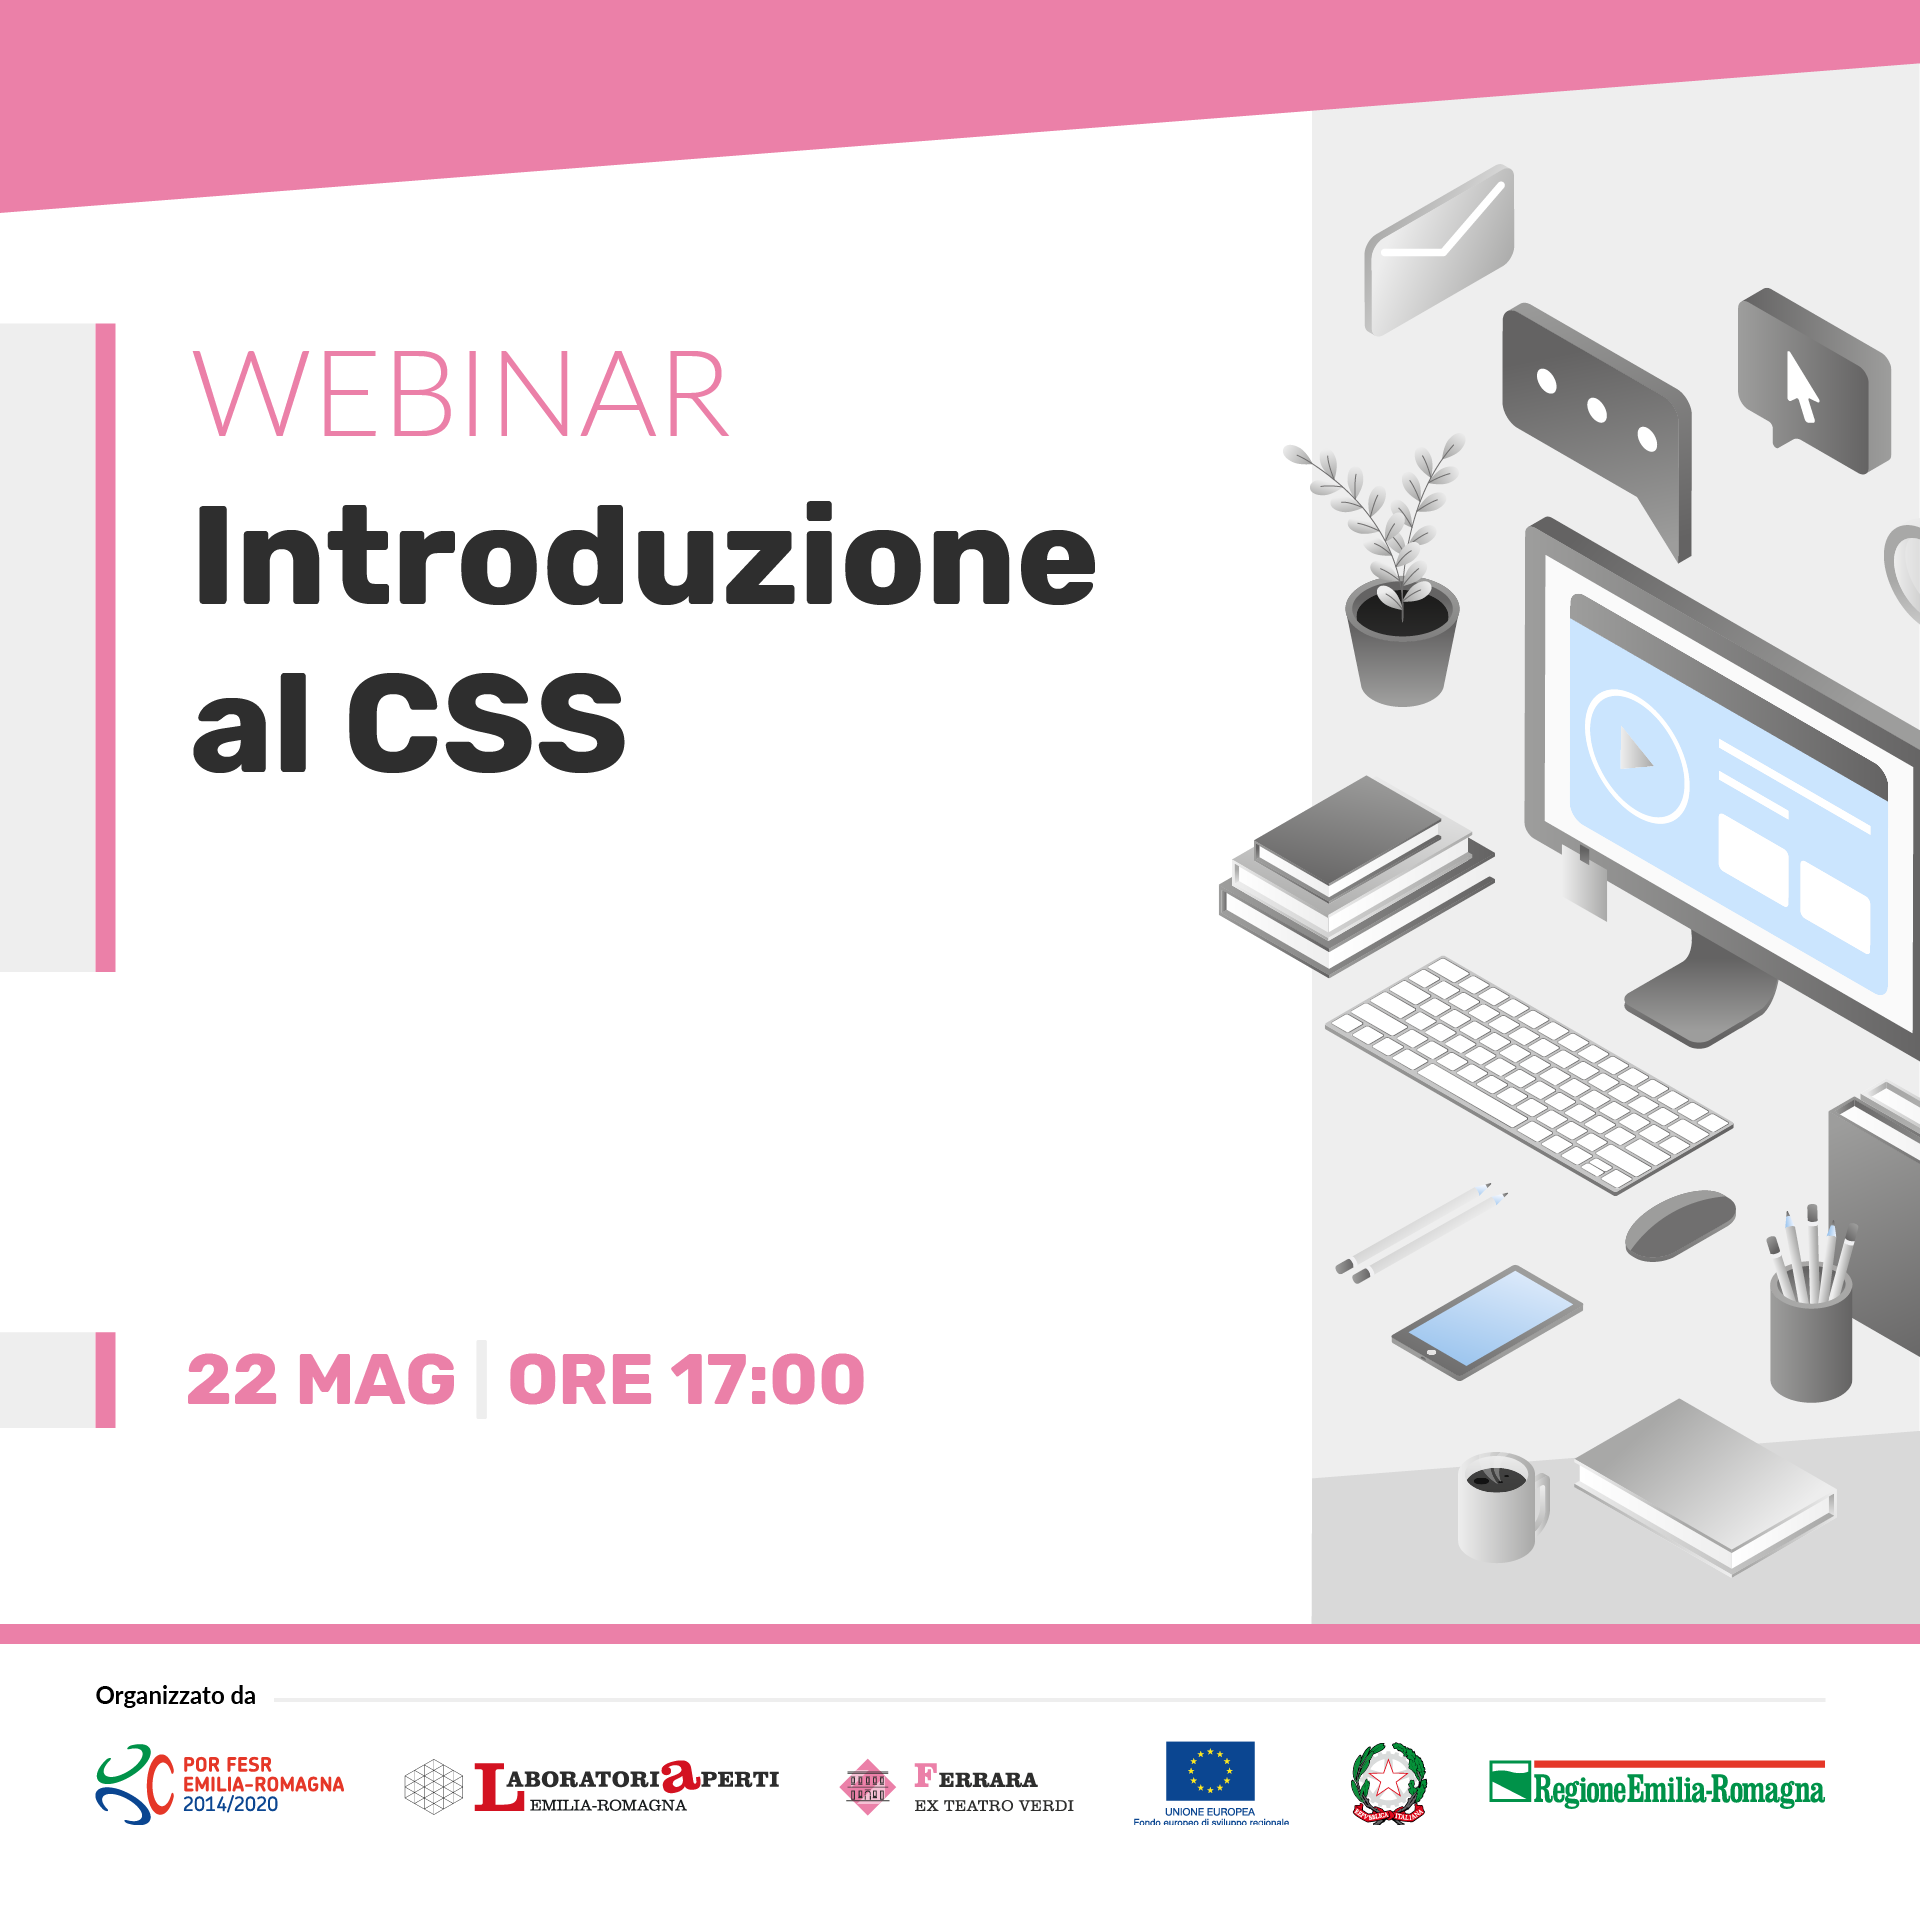 WEBINAR: Introduzione al CSS  | 22 MAGGIO H 17:00